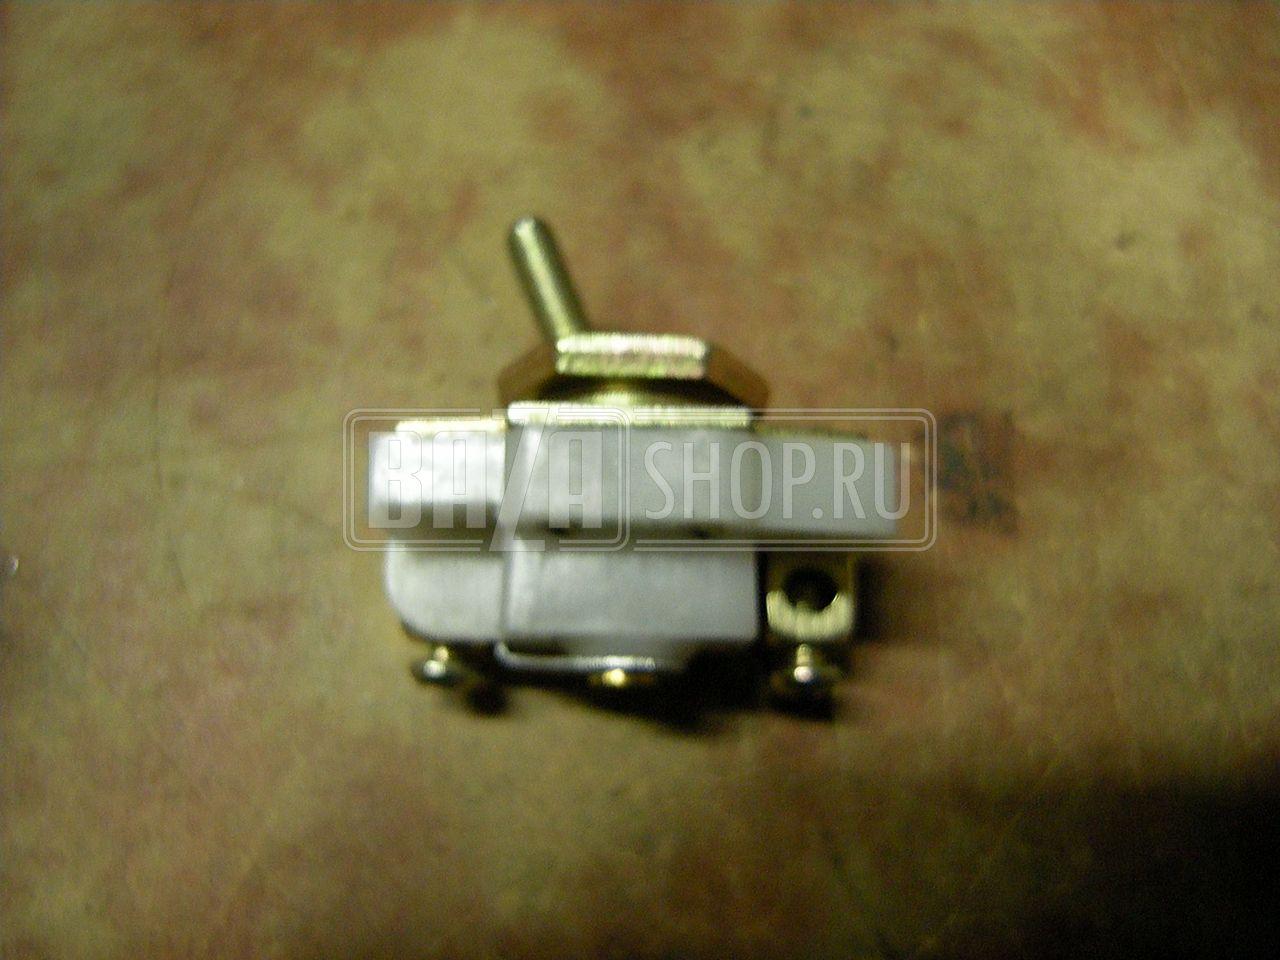 Уплотнения теплообменника КС 30 Улан-Удэ ридан нн 8 цена где купить